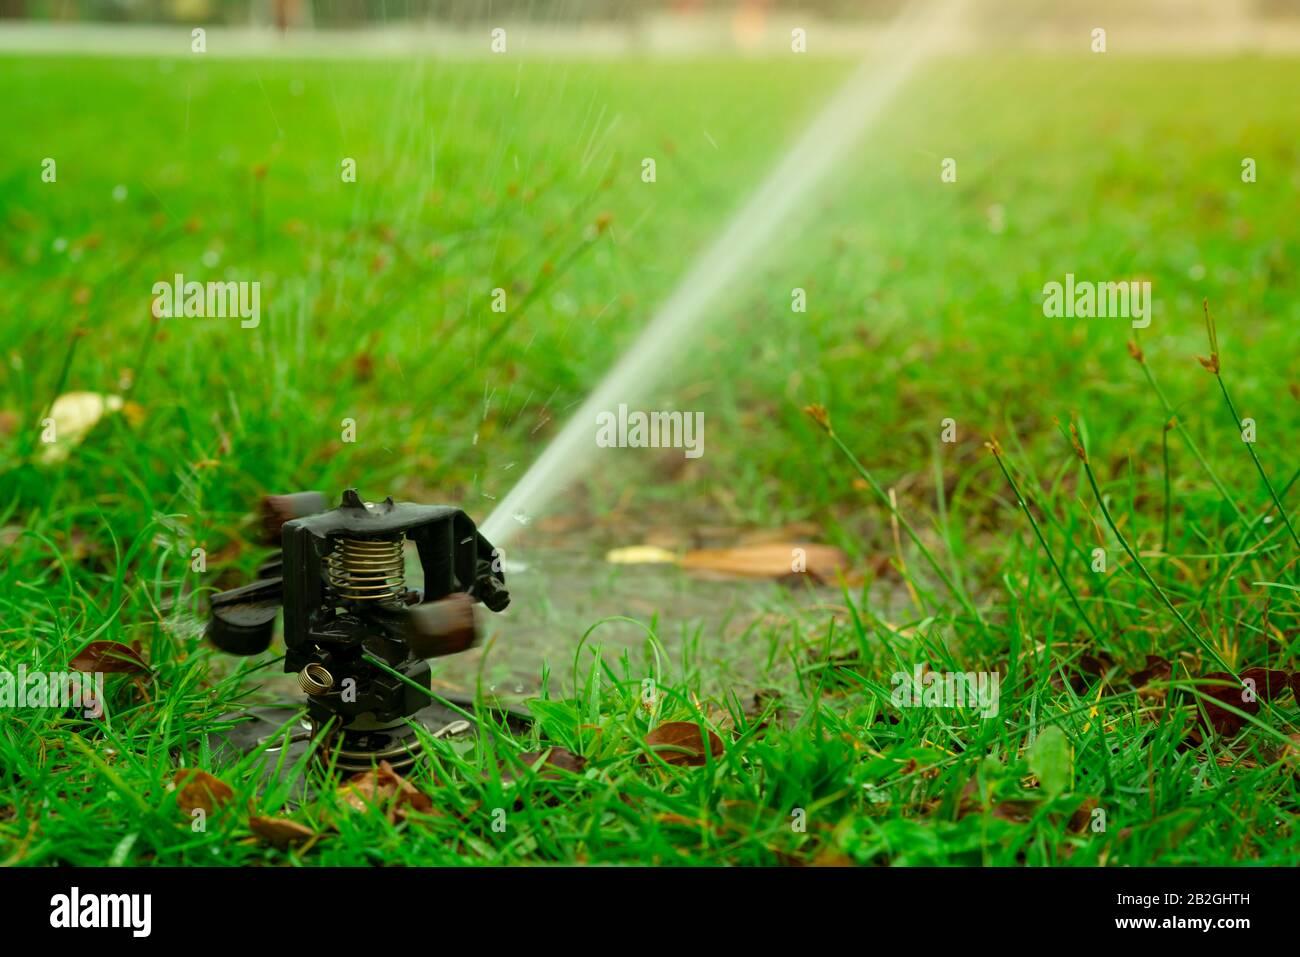 Best Lawn Sprinkler System